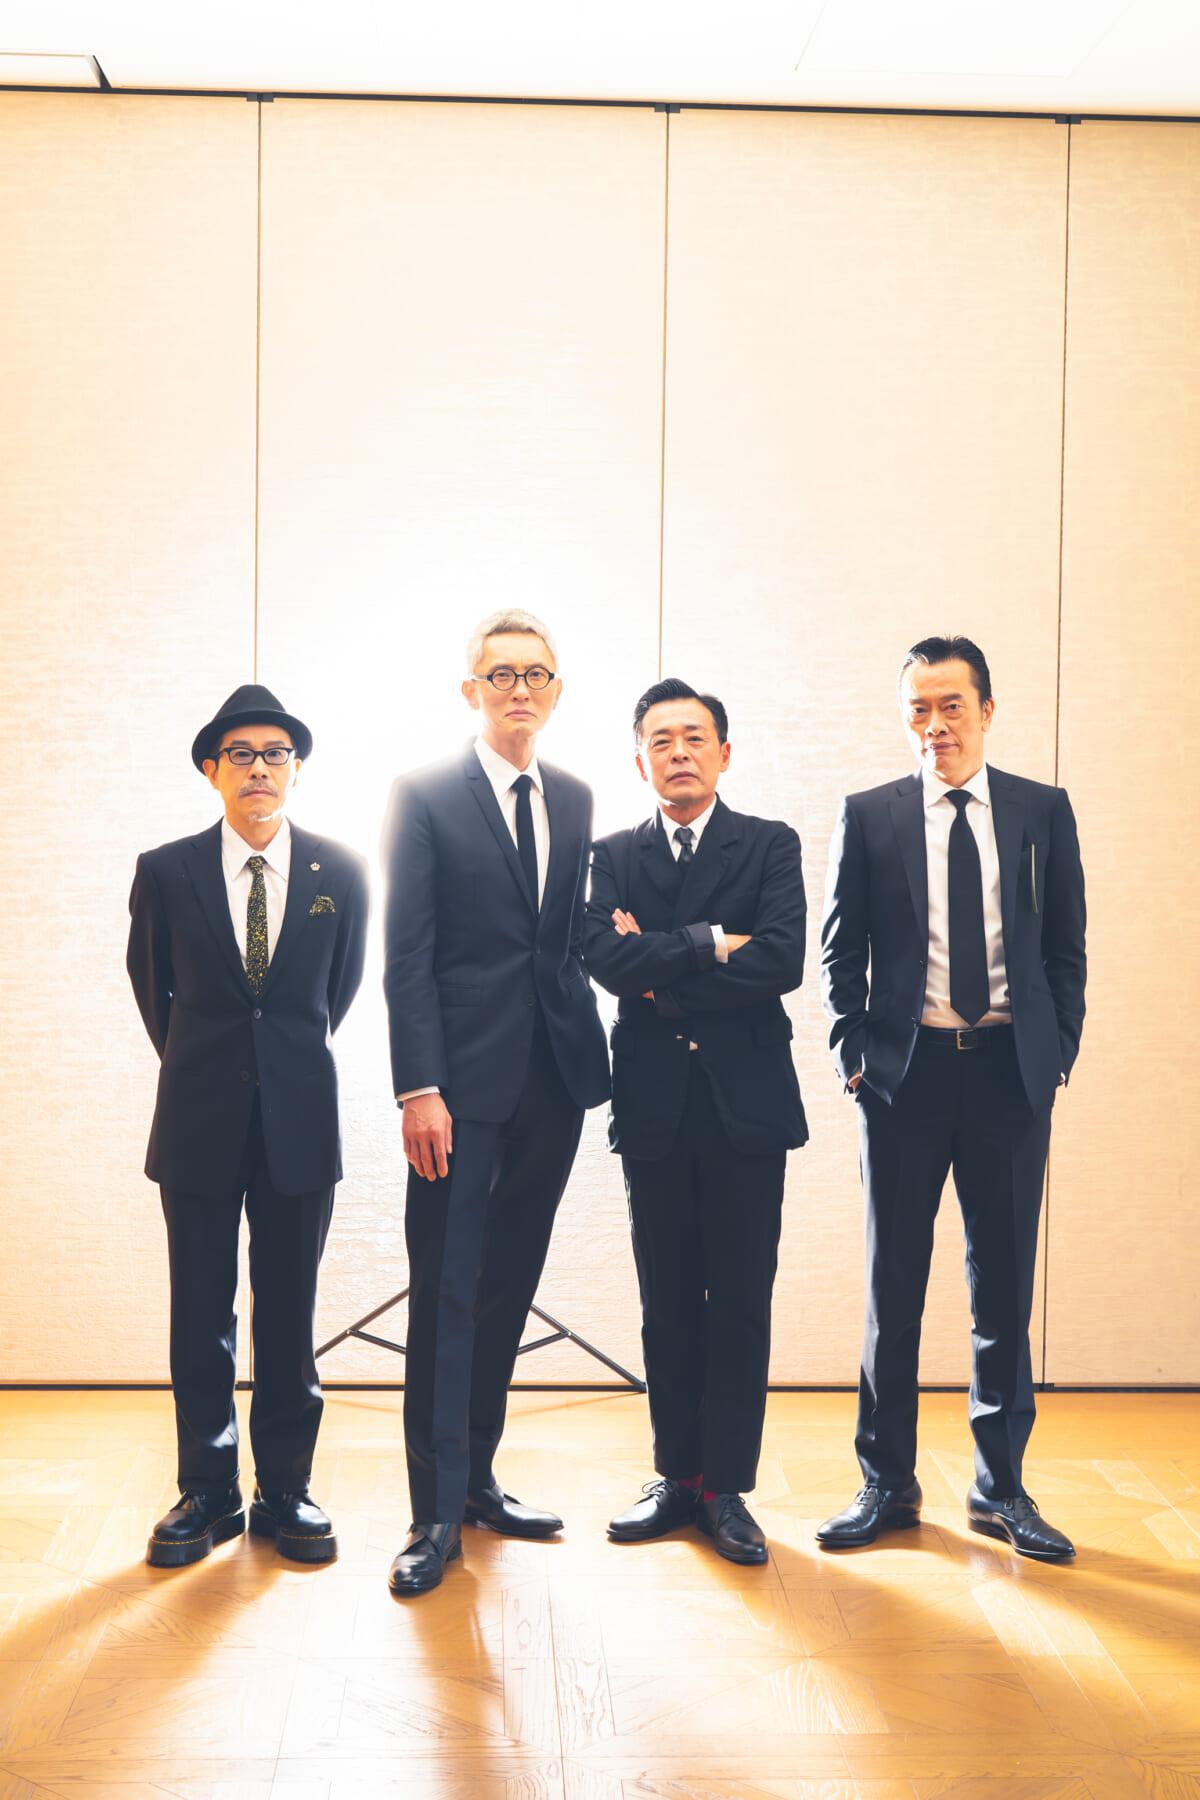 田口トモロヲ&松重豊&光石研&遠藤憲一インタビュー